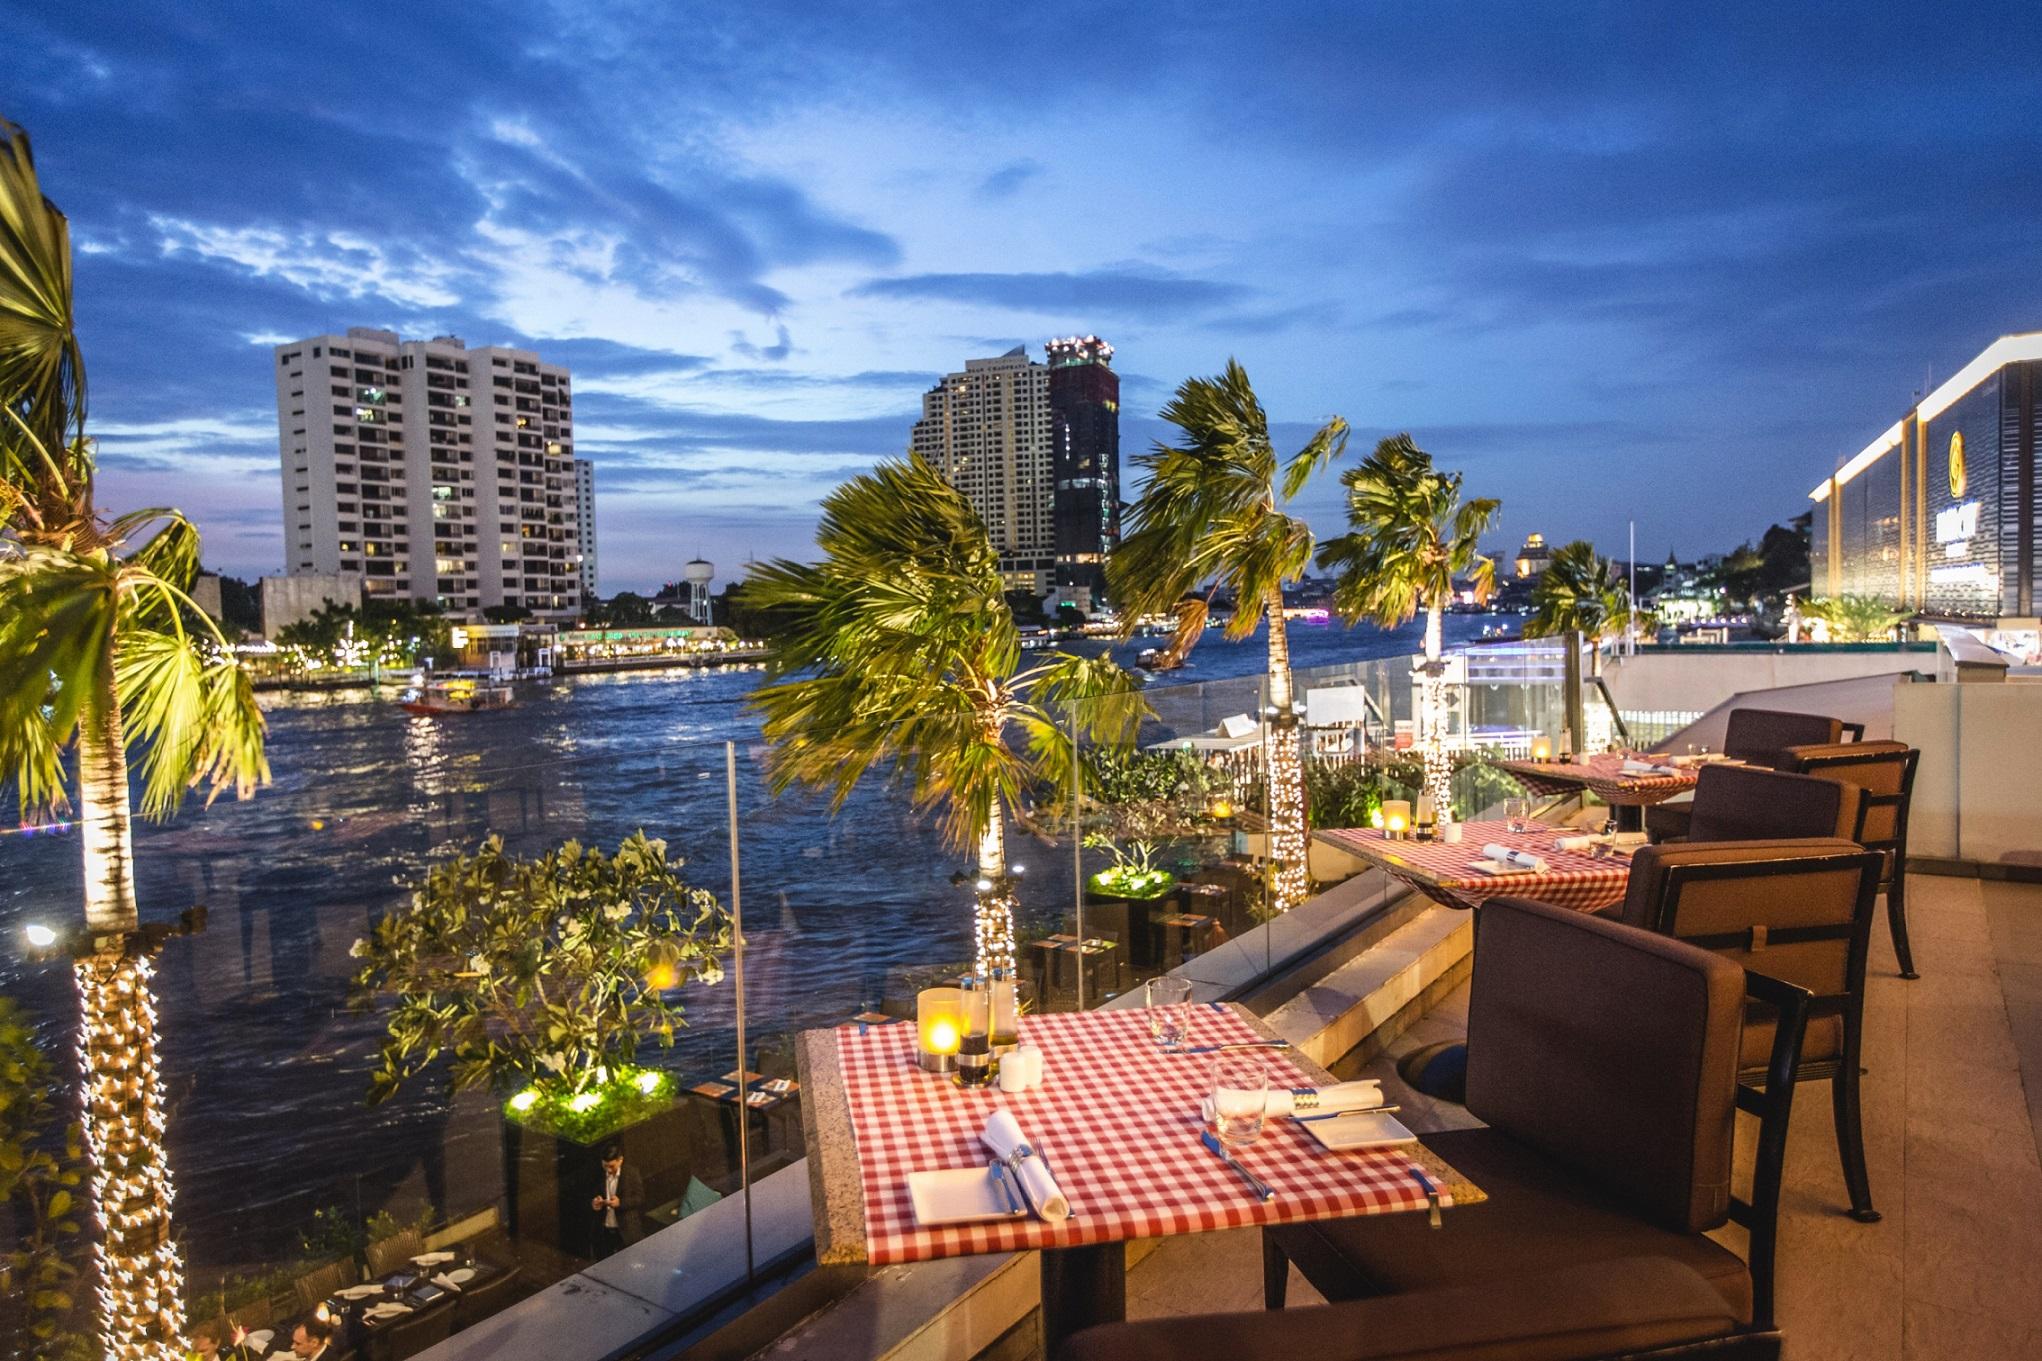 ล่องเรือชมวิวพระอาทิตย์ตกและสองฝั่งแม่น้ำเจ้าพระยาฟรี เมื่อซื้อบัตรกำนัลแทนเงินสดสำหรับรับประทานอาหารที่ โรงแรมรอยัล ออคิด เชอราตัน